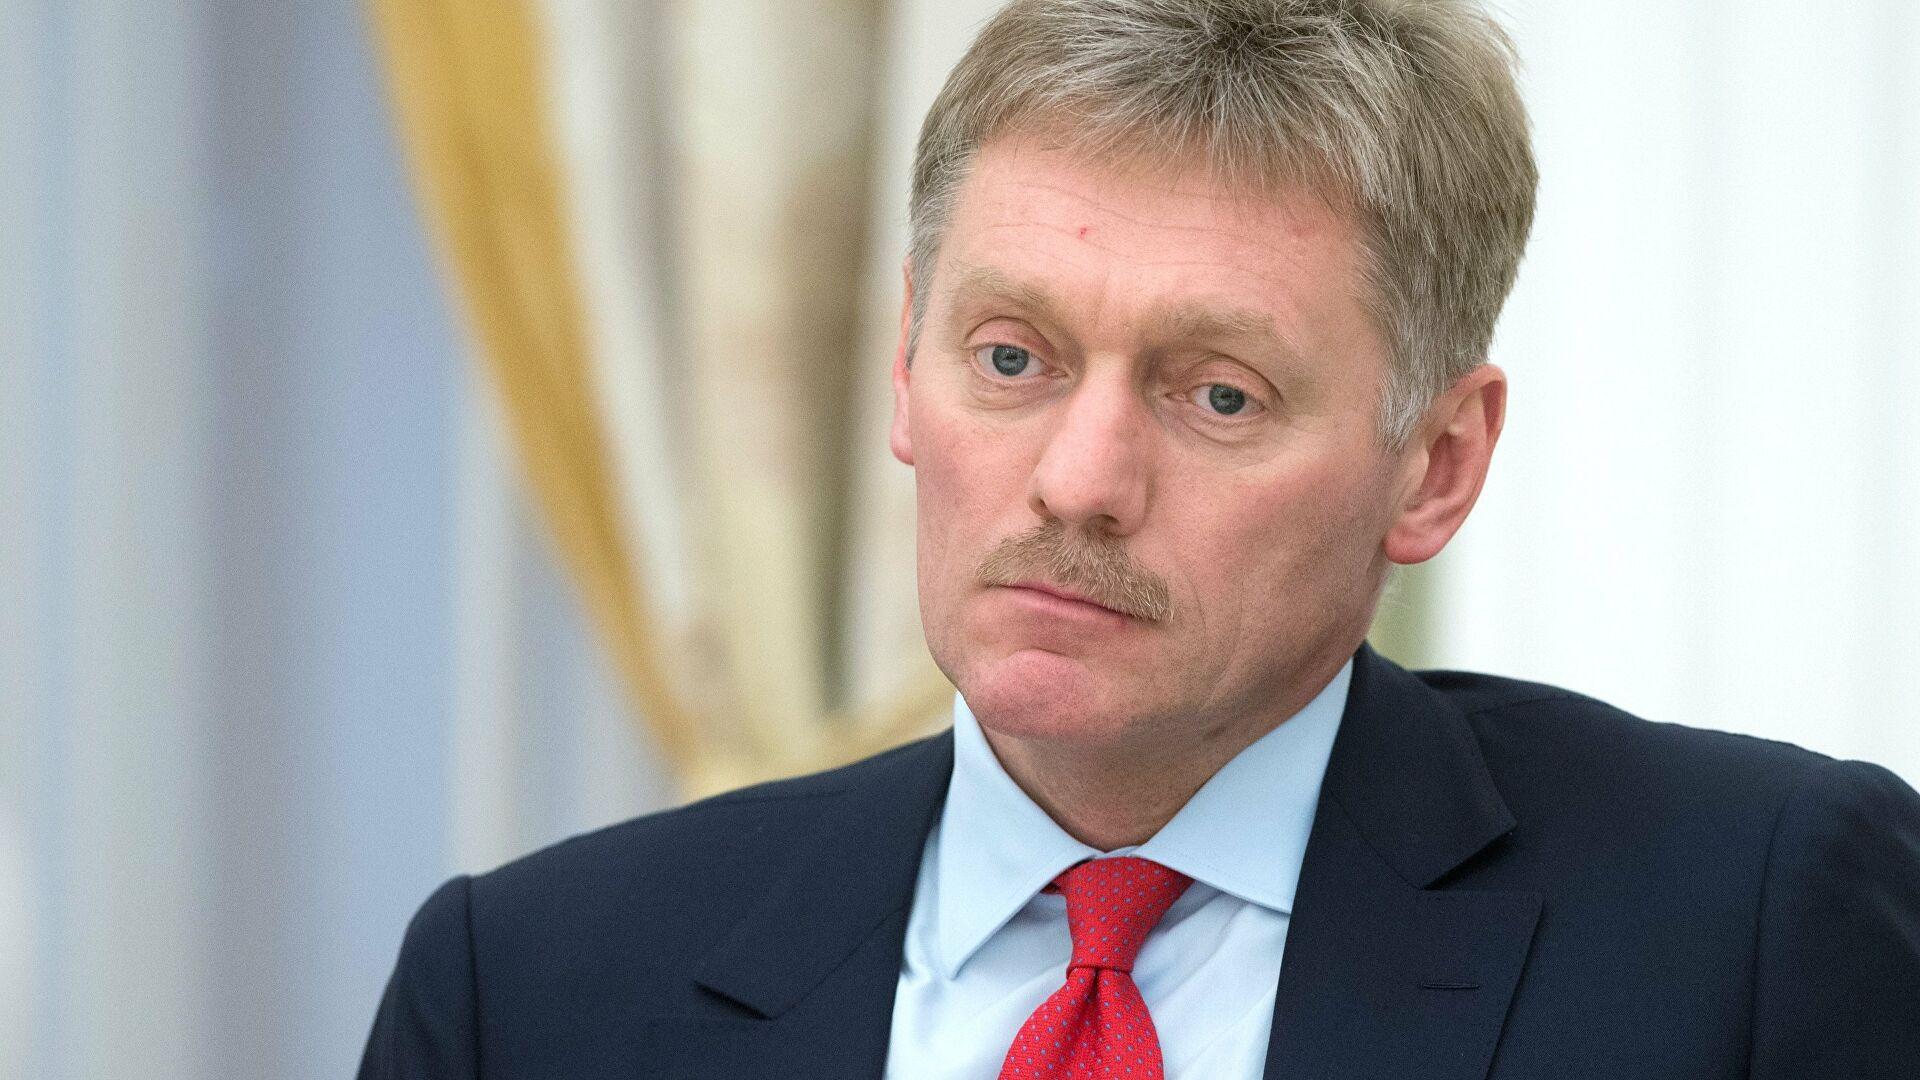 Песков: Све оптужбе на рачун Русије о покушајима мешања у изборне процесе у САД-у апсолутно неосноване